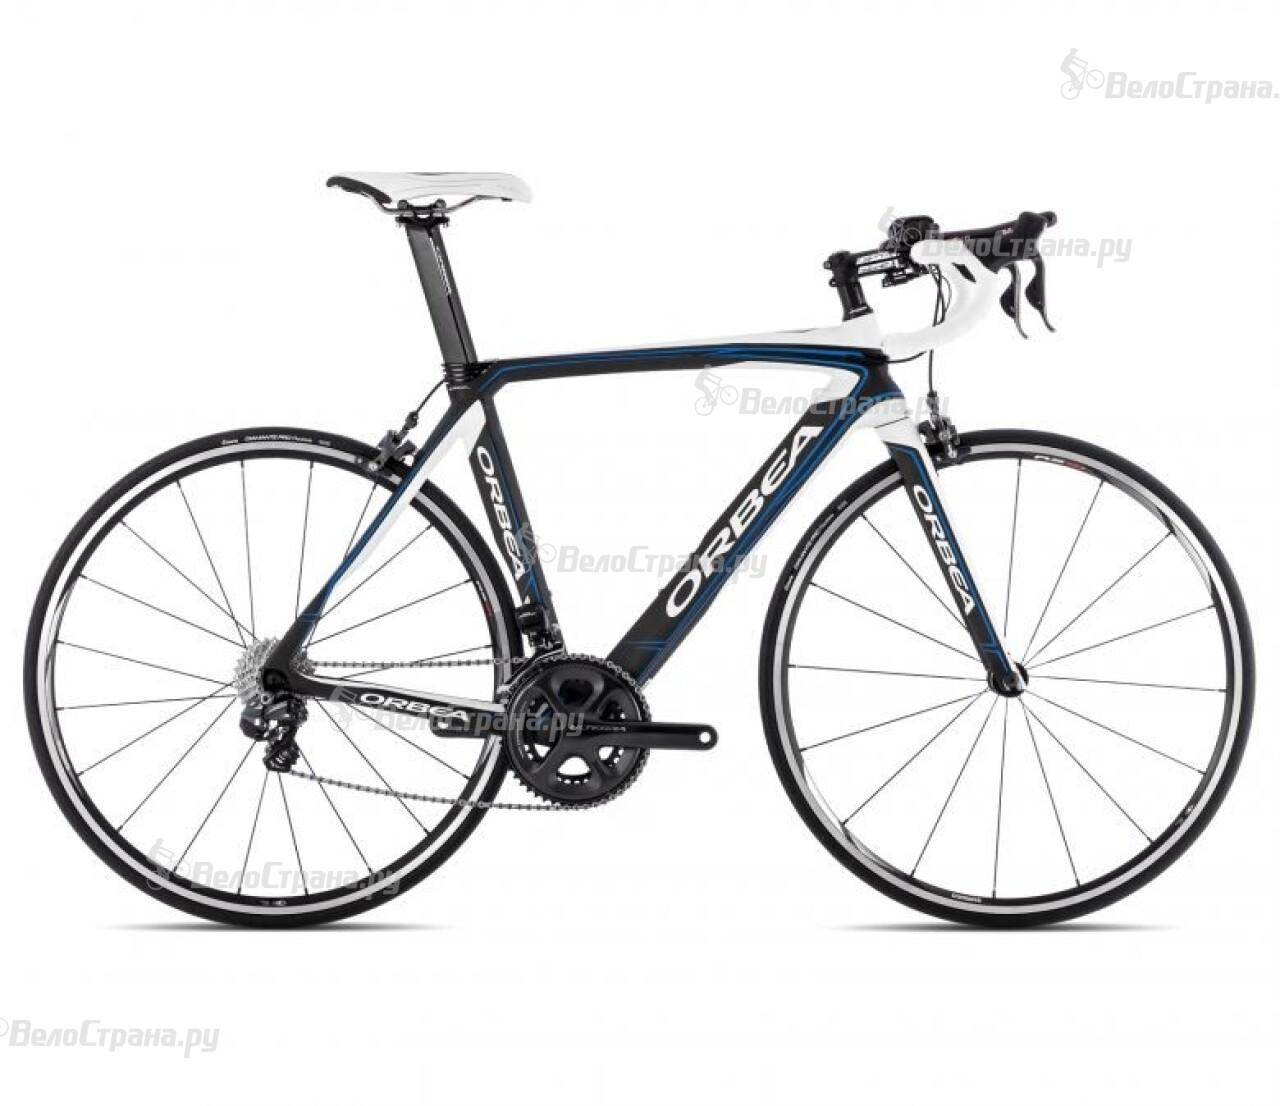 Велосипед Orbea Orca Tri M10 (2014) велосипед orbea orca dama gth 2013